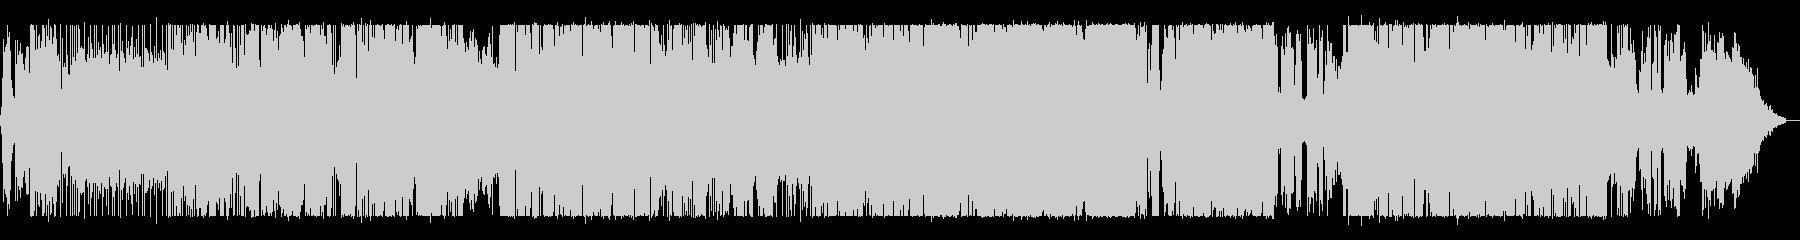 ピアノとAGが作る穏やかな歌ものポップスの未再生の波形